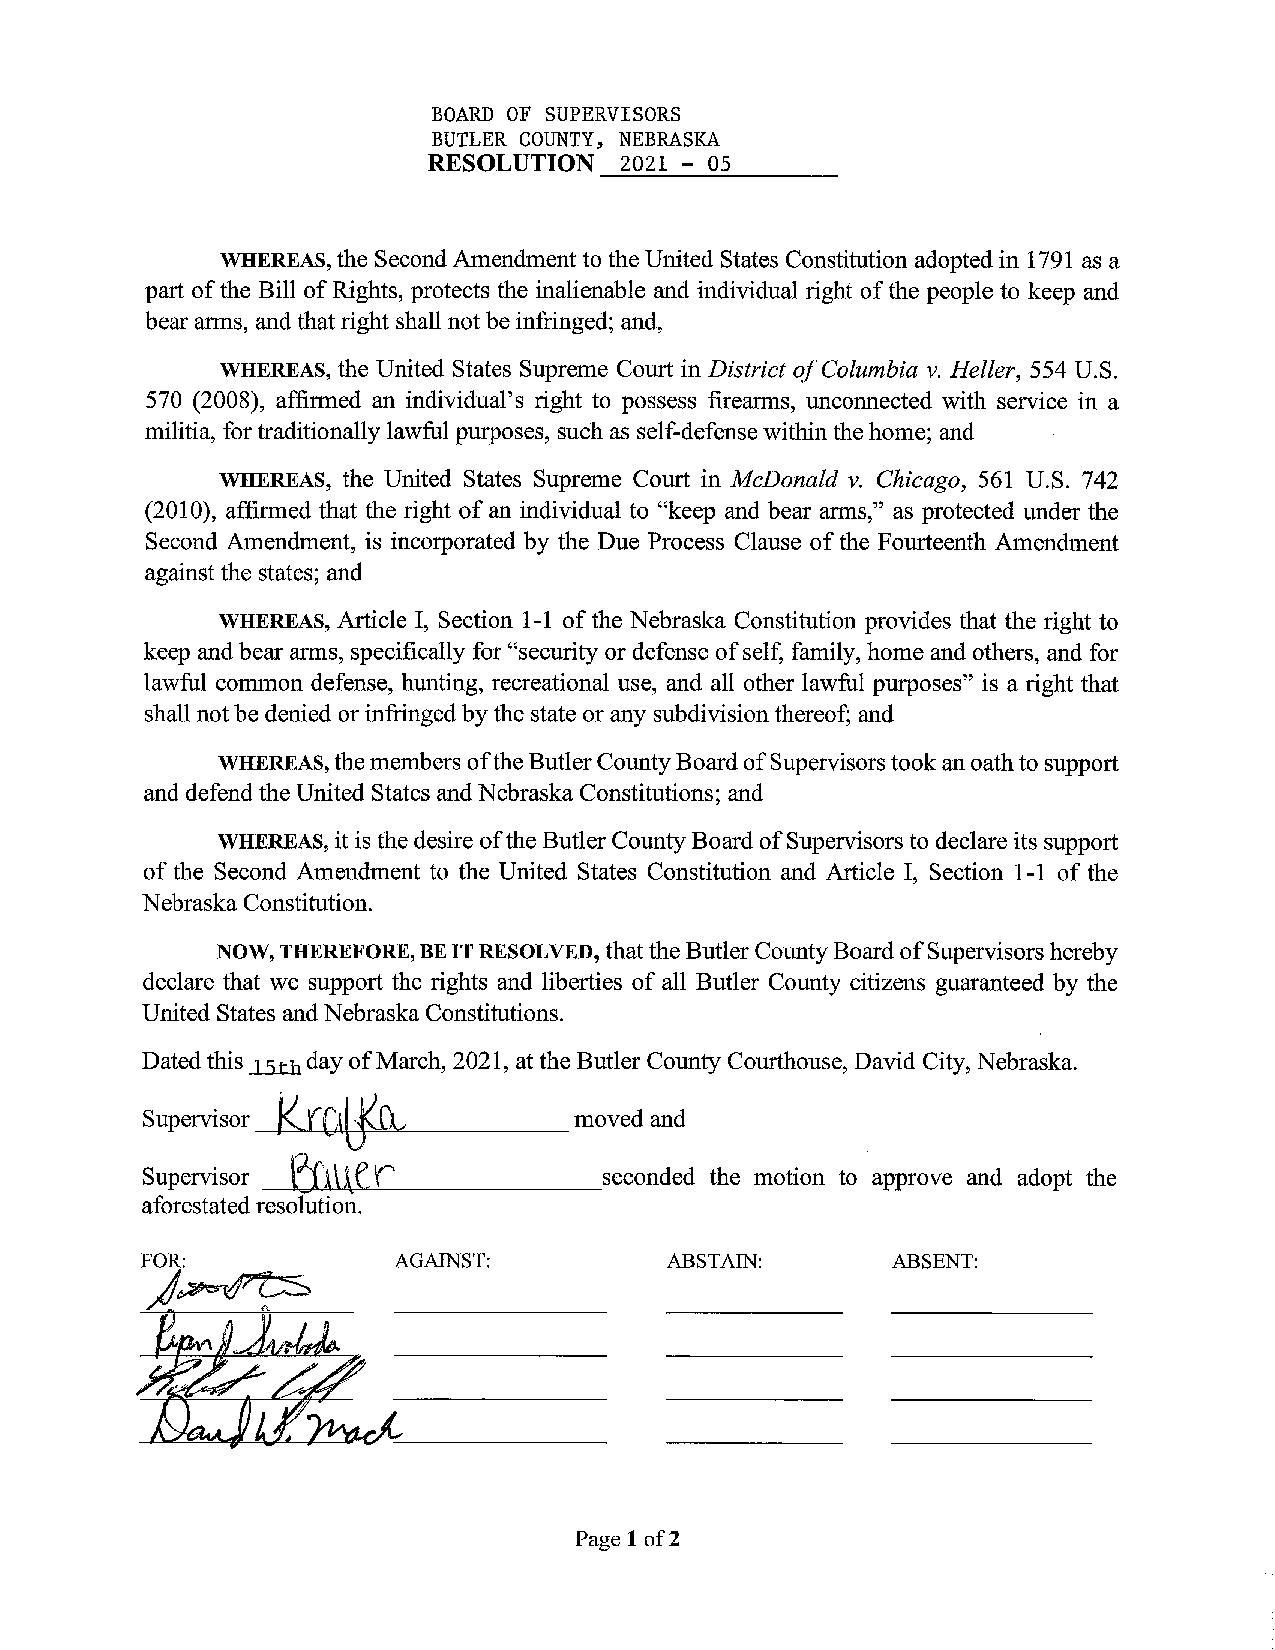 Butler Nebraska Resolution Page 1